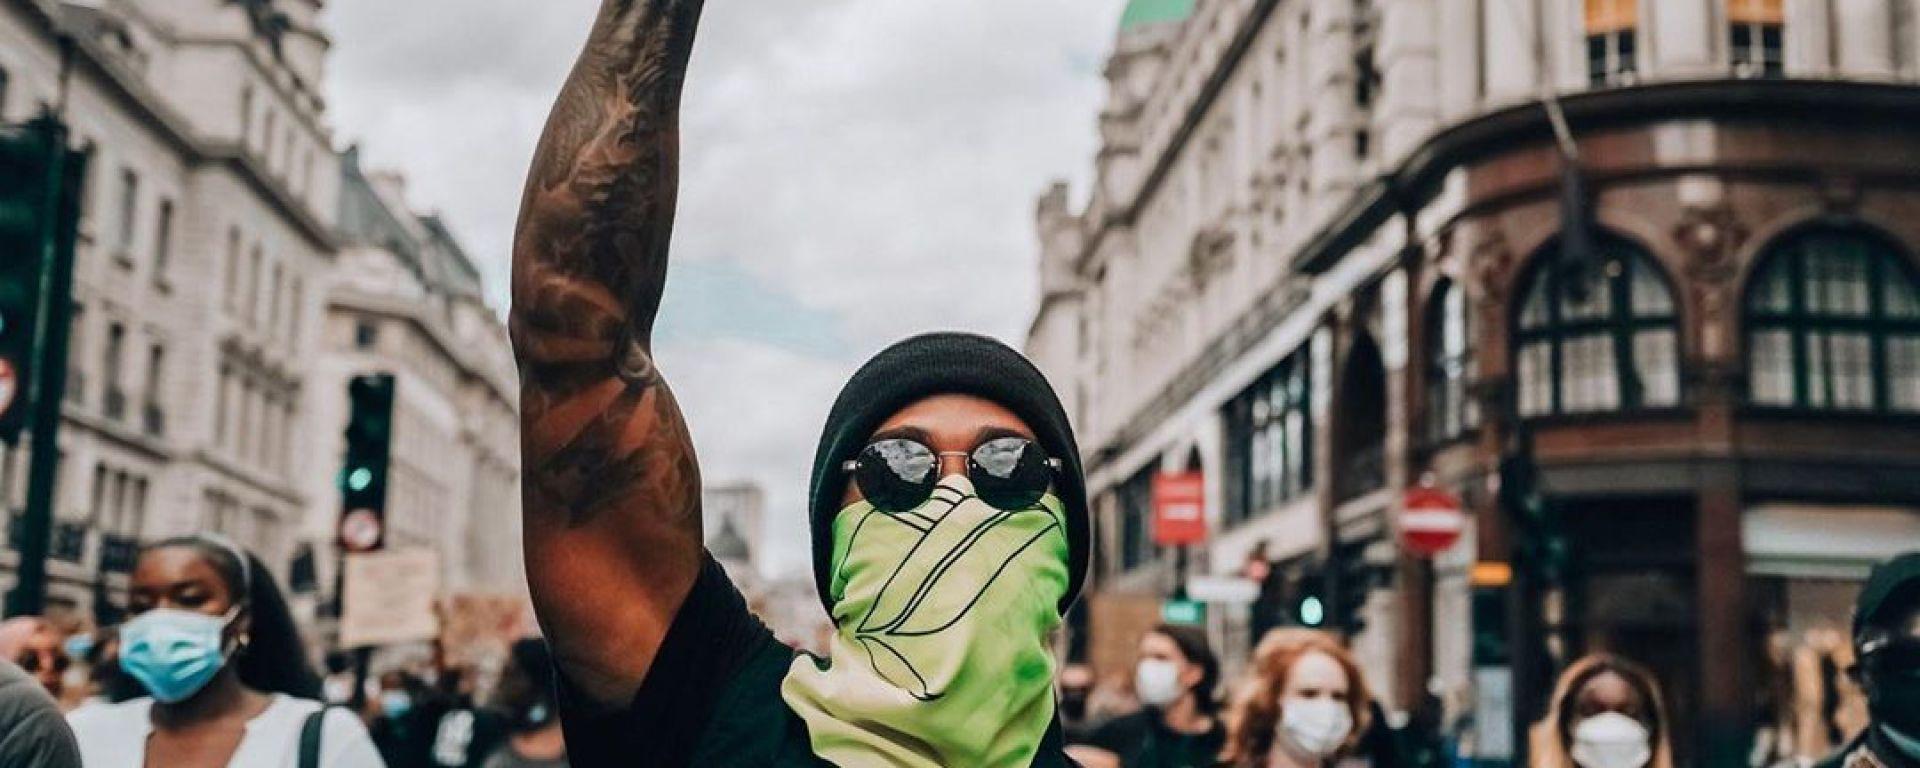 Lewis Hamilton nella manifestazione di Hyde Park, Londra | Foto Instagram @LewisHamilton